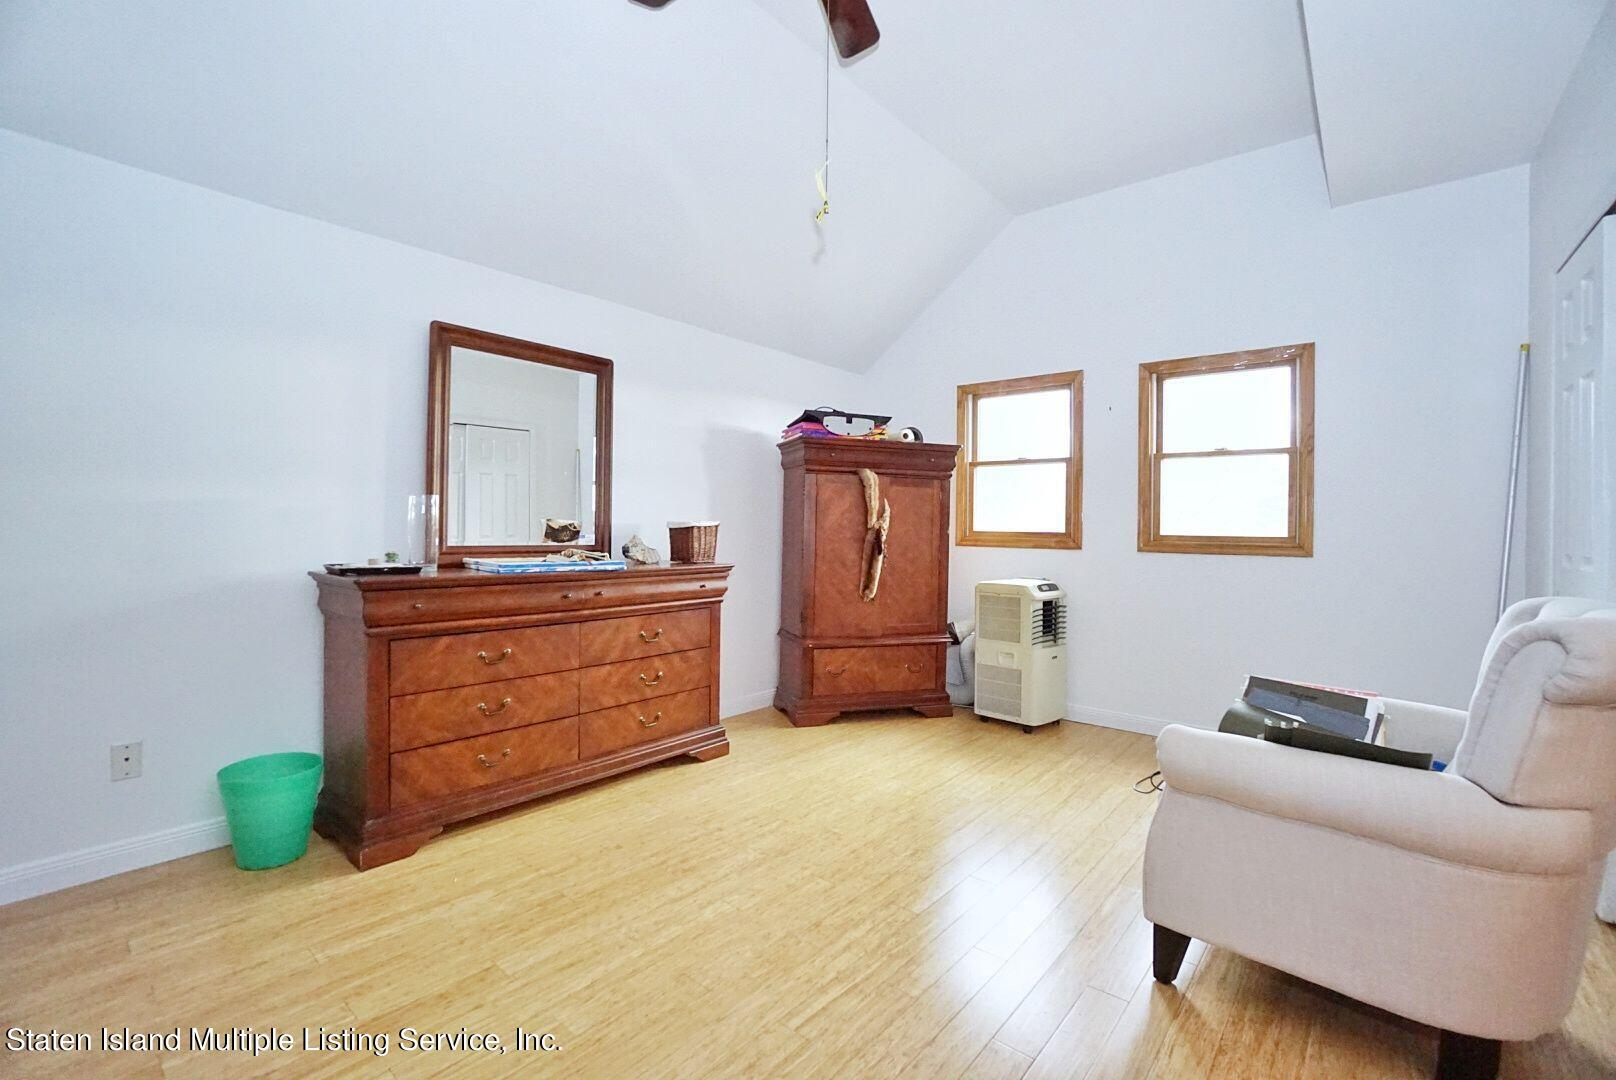 Single Family - Detached 311 Sharrott Avenue  Staten Island, NY 10309, MLS-1146042-44